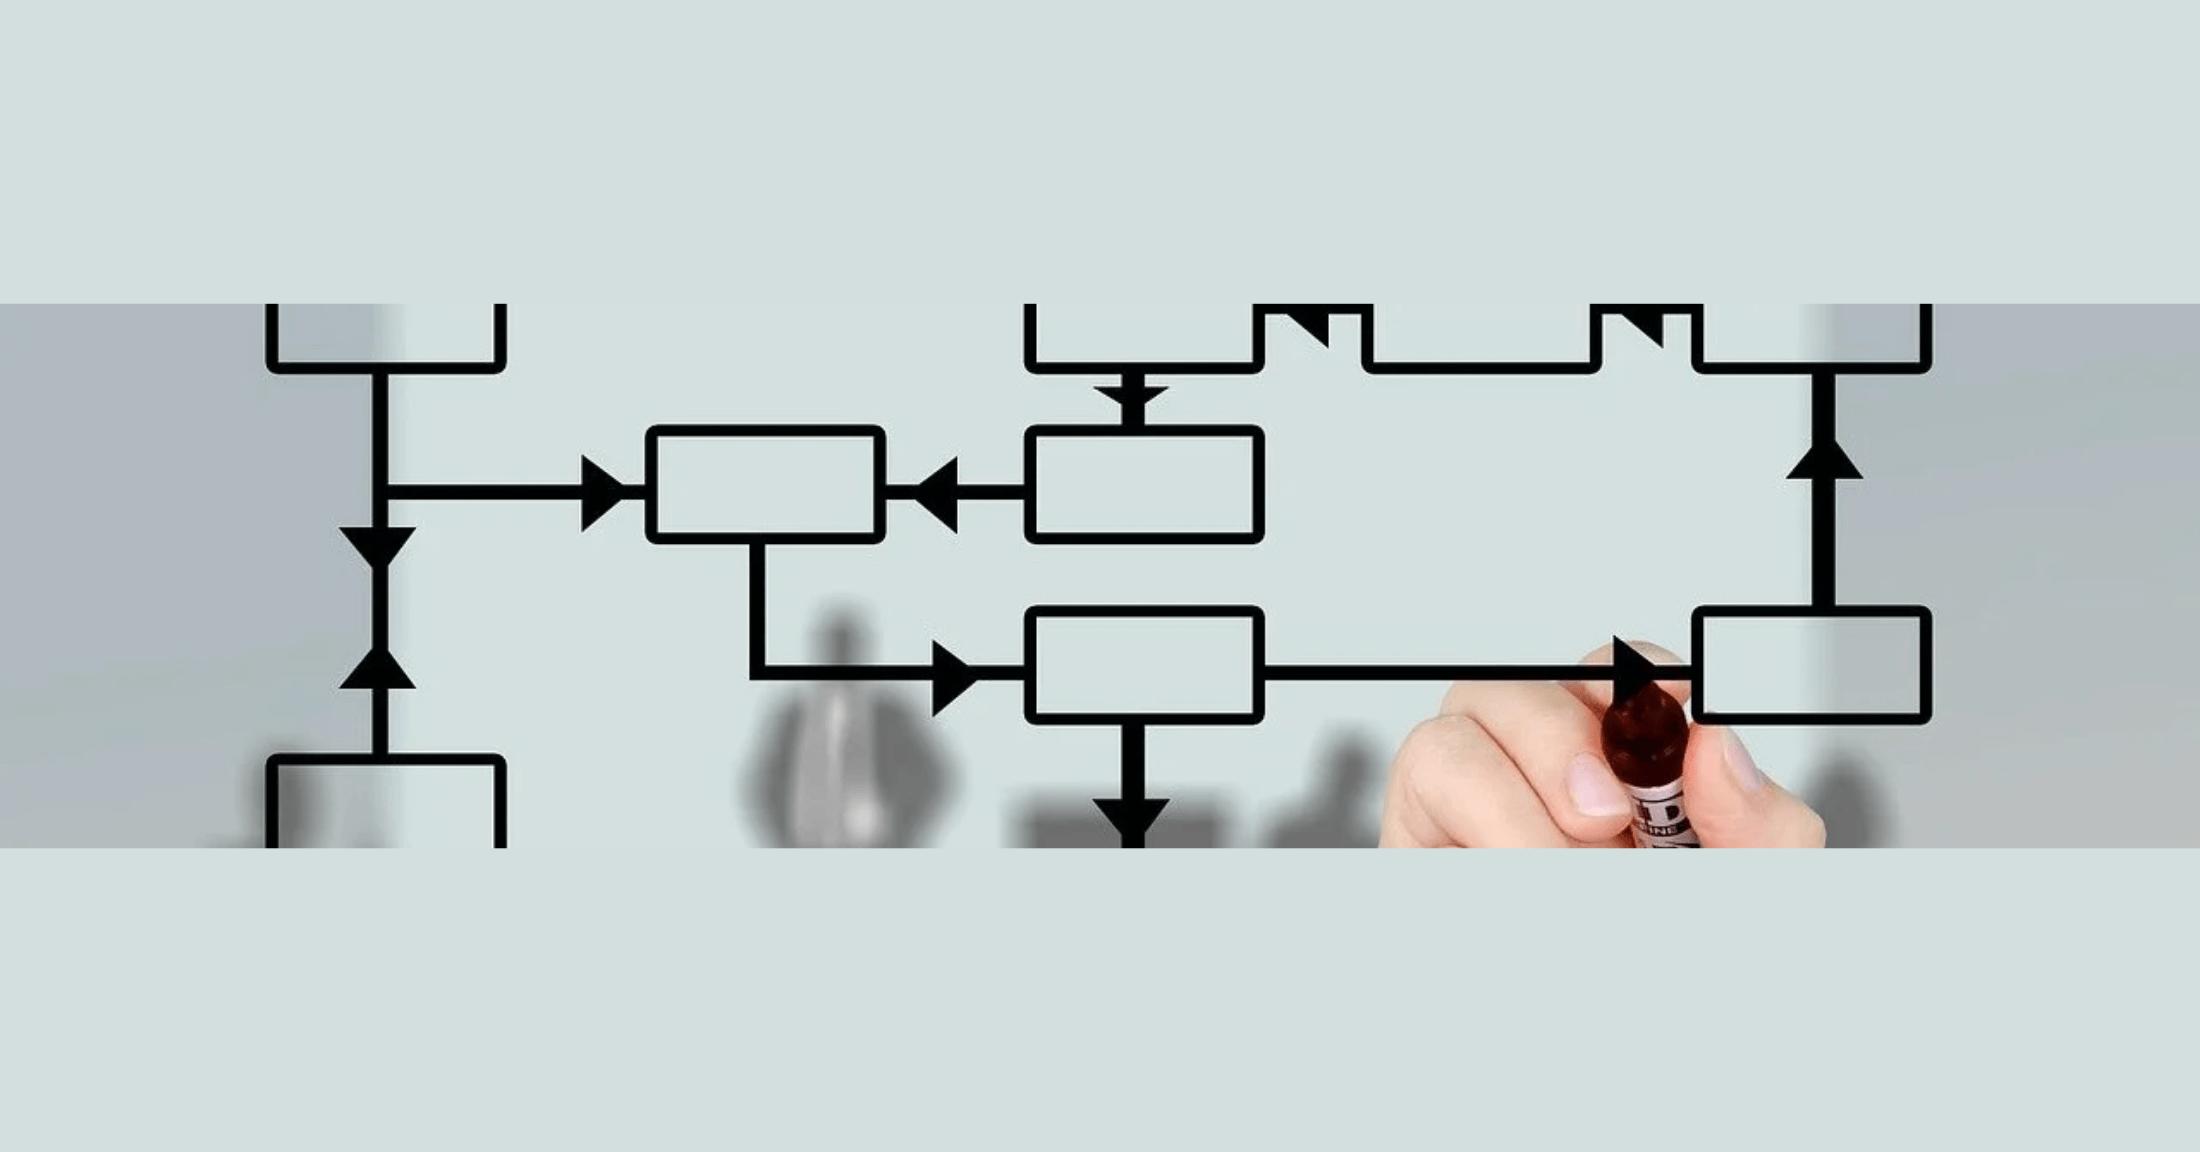 日々のプロセスのメンテナンスがシステム開発プロジェクトやコストダウンの成功率を上げる